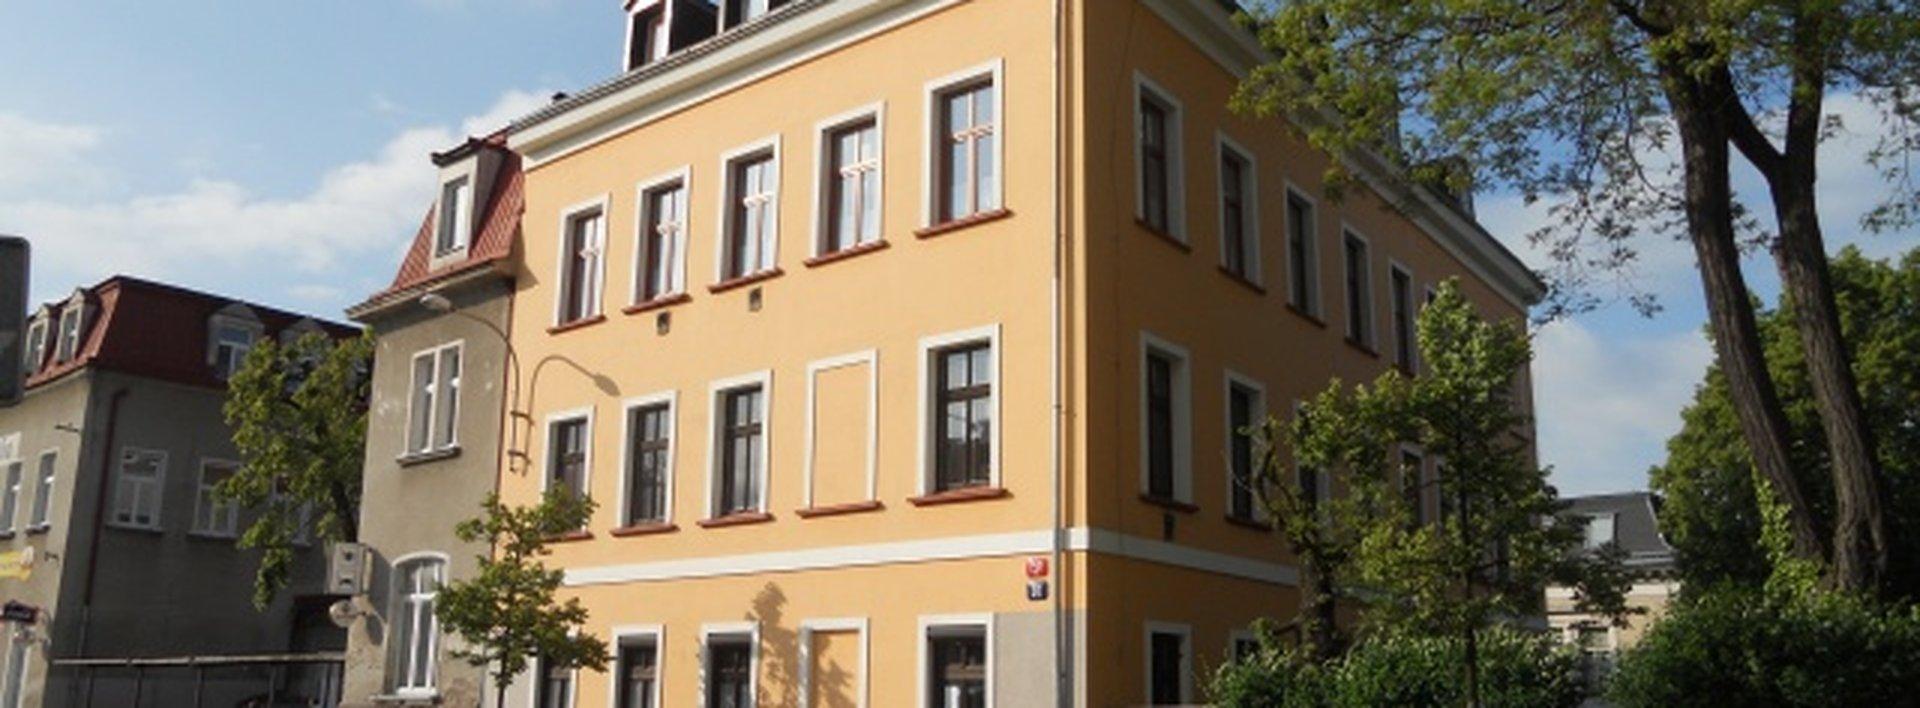 Prostorný slunný byt 2+1, 68m2, OV, v centru města Liberce, Ev.č.: N46316